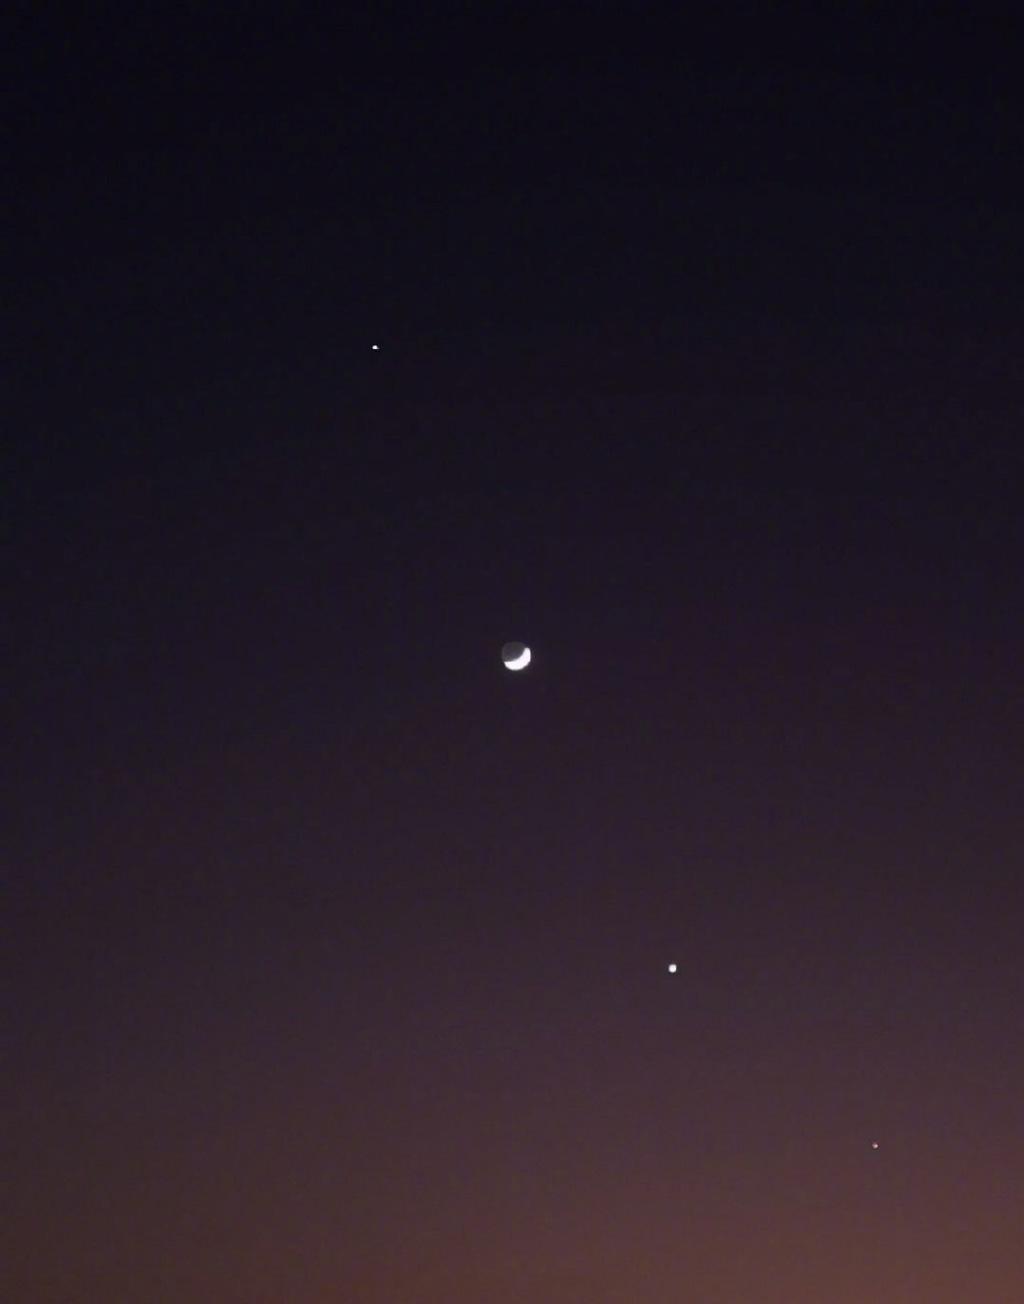 昨晚百年难现的天文奇观——四星连珠你们看到了吗? liuliushe.net六六社 第5张